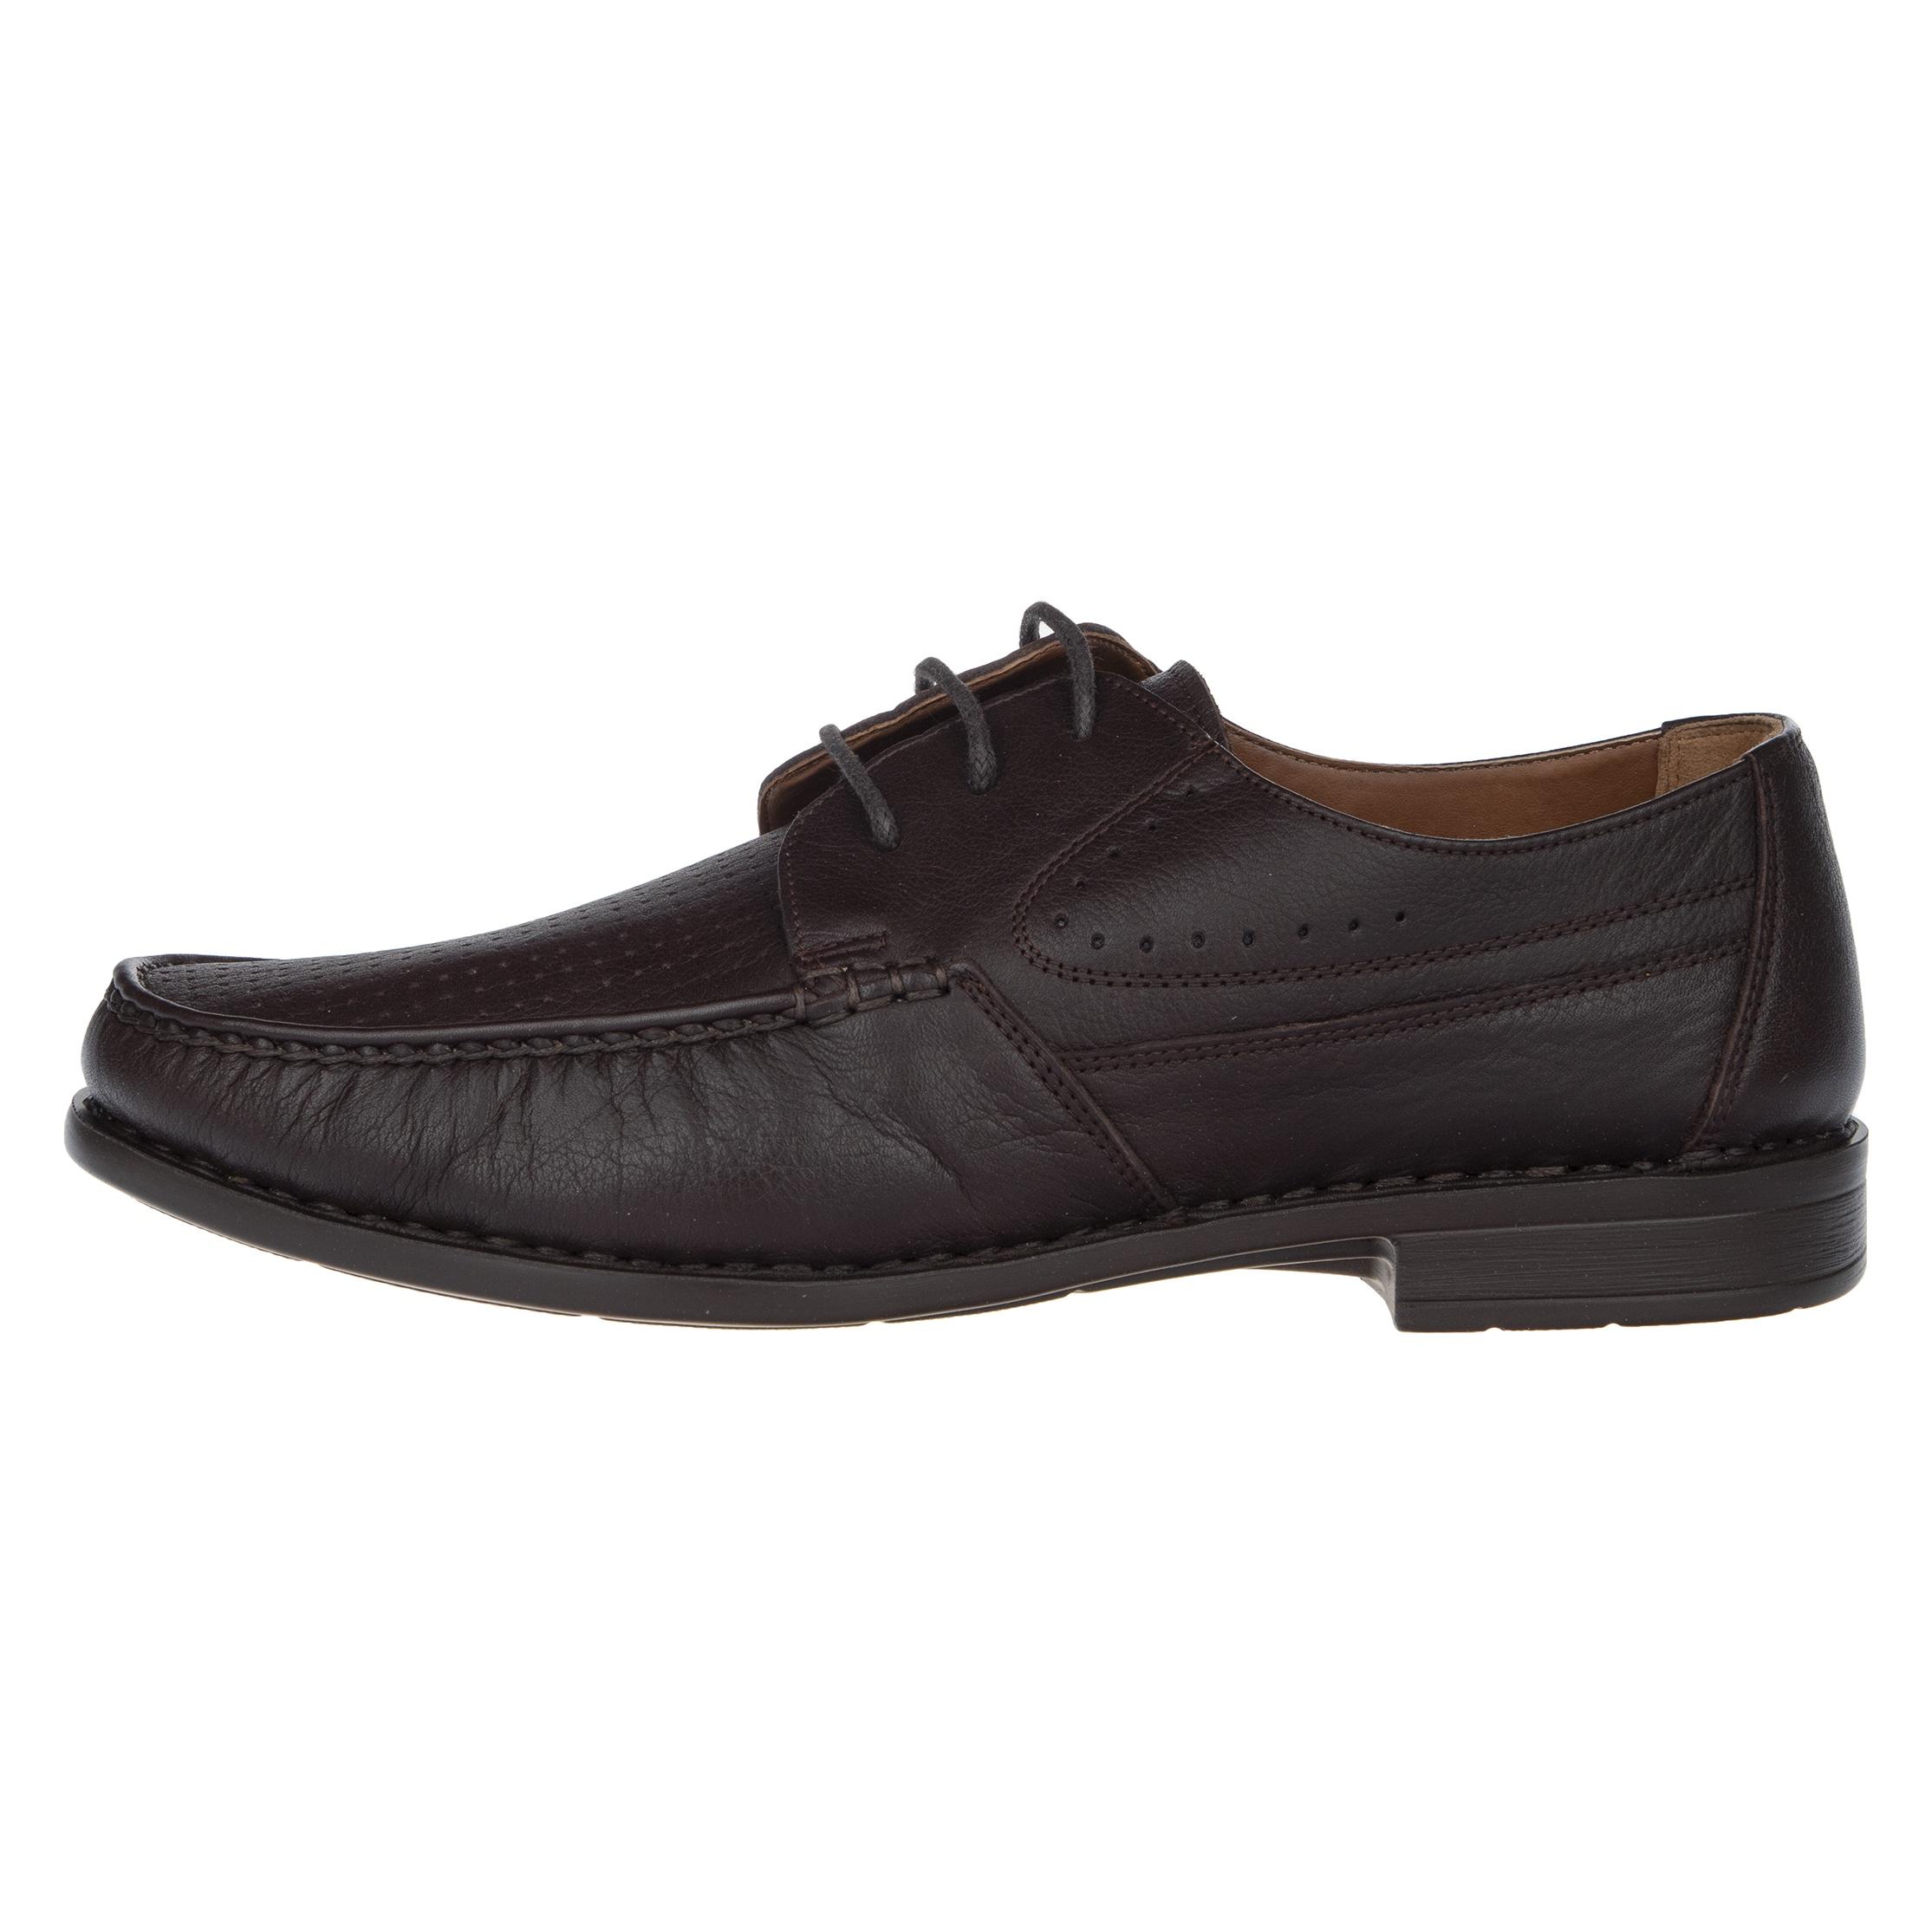 کفش روزمره مردانه پولاریس مدل 100296904-103